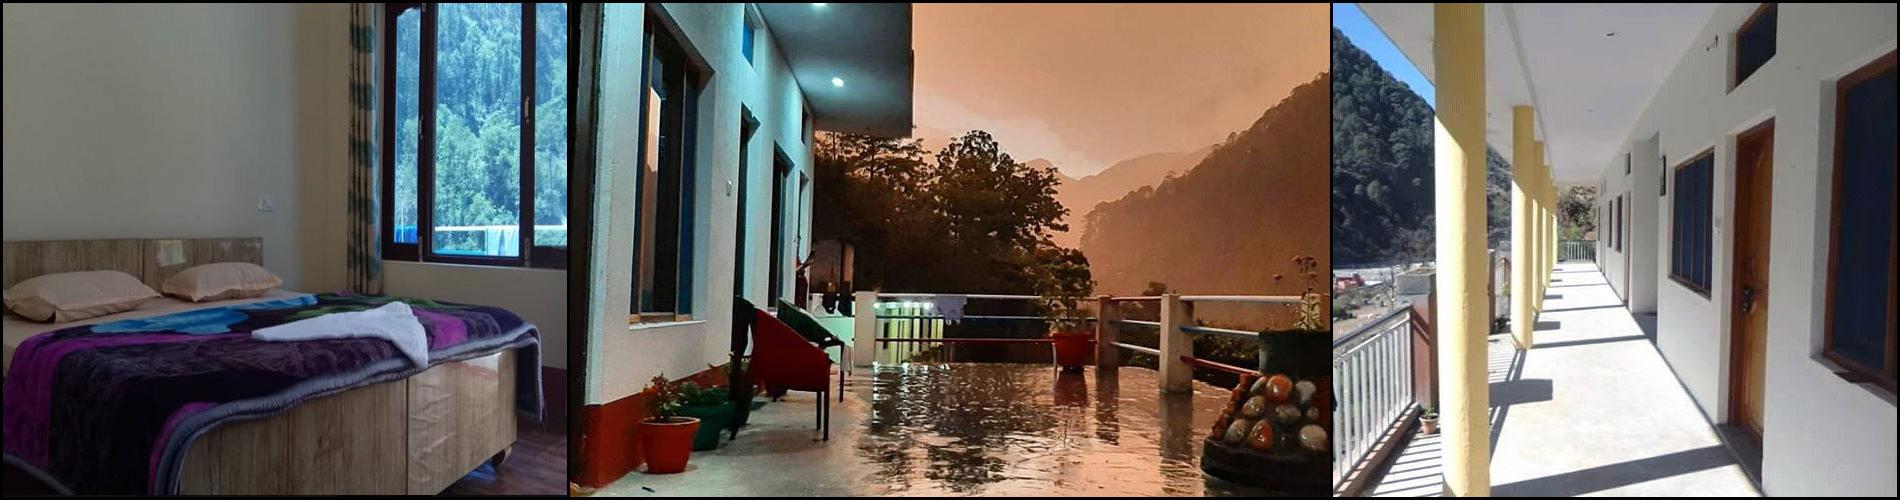 Hotel Devdwar Yoga Resort